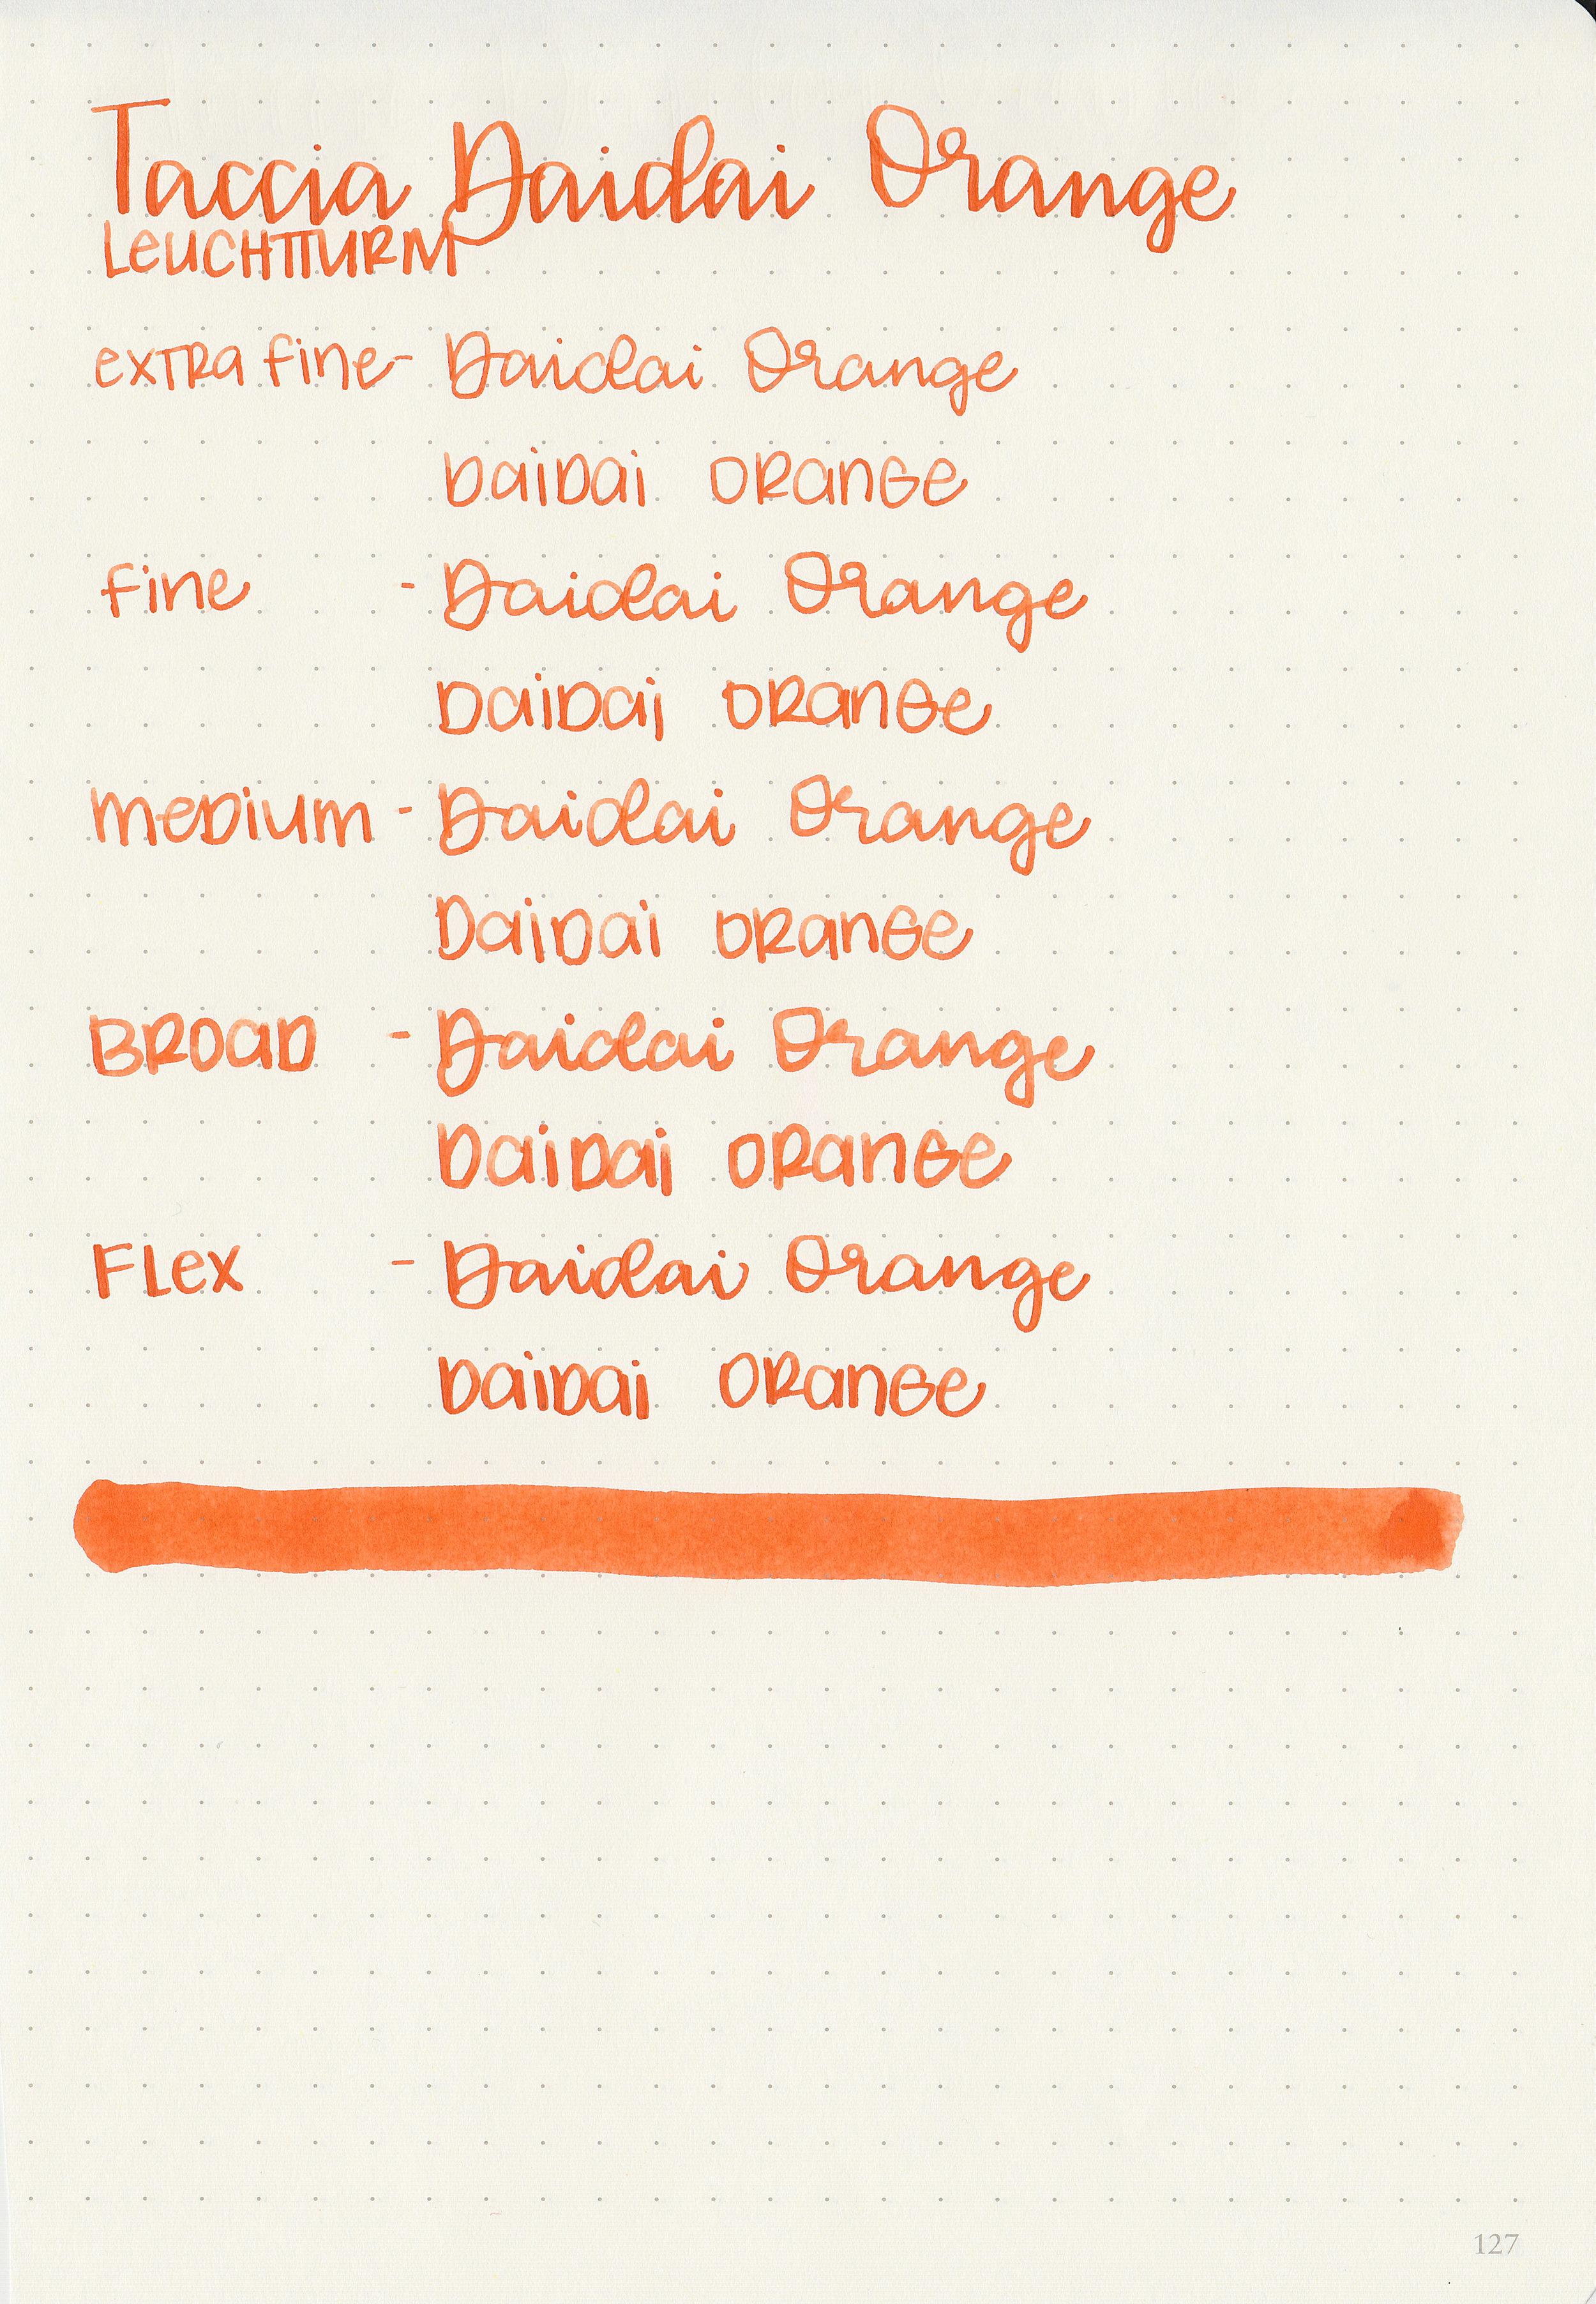 tac-daida-orange-9.jpg